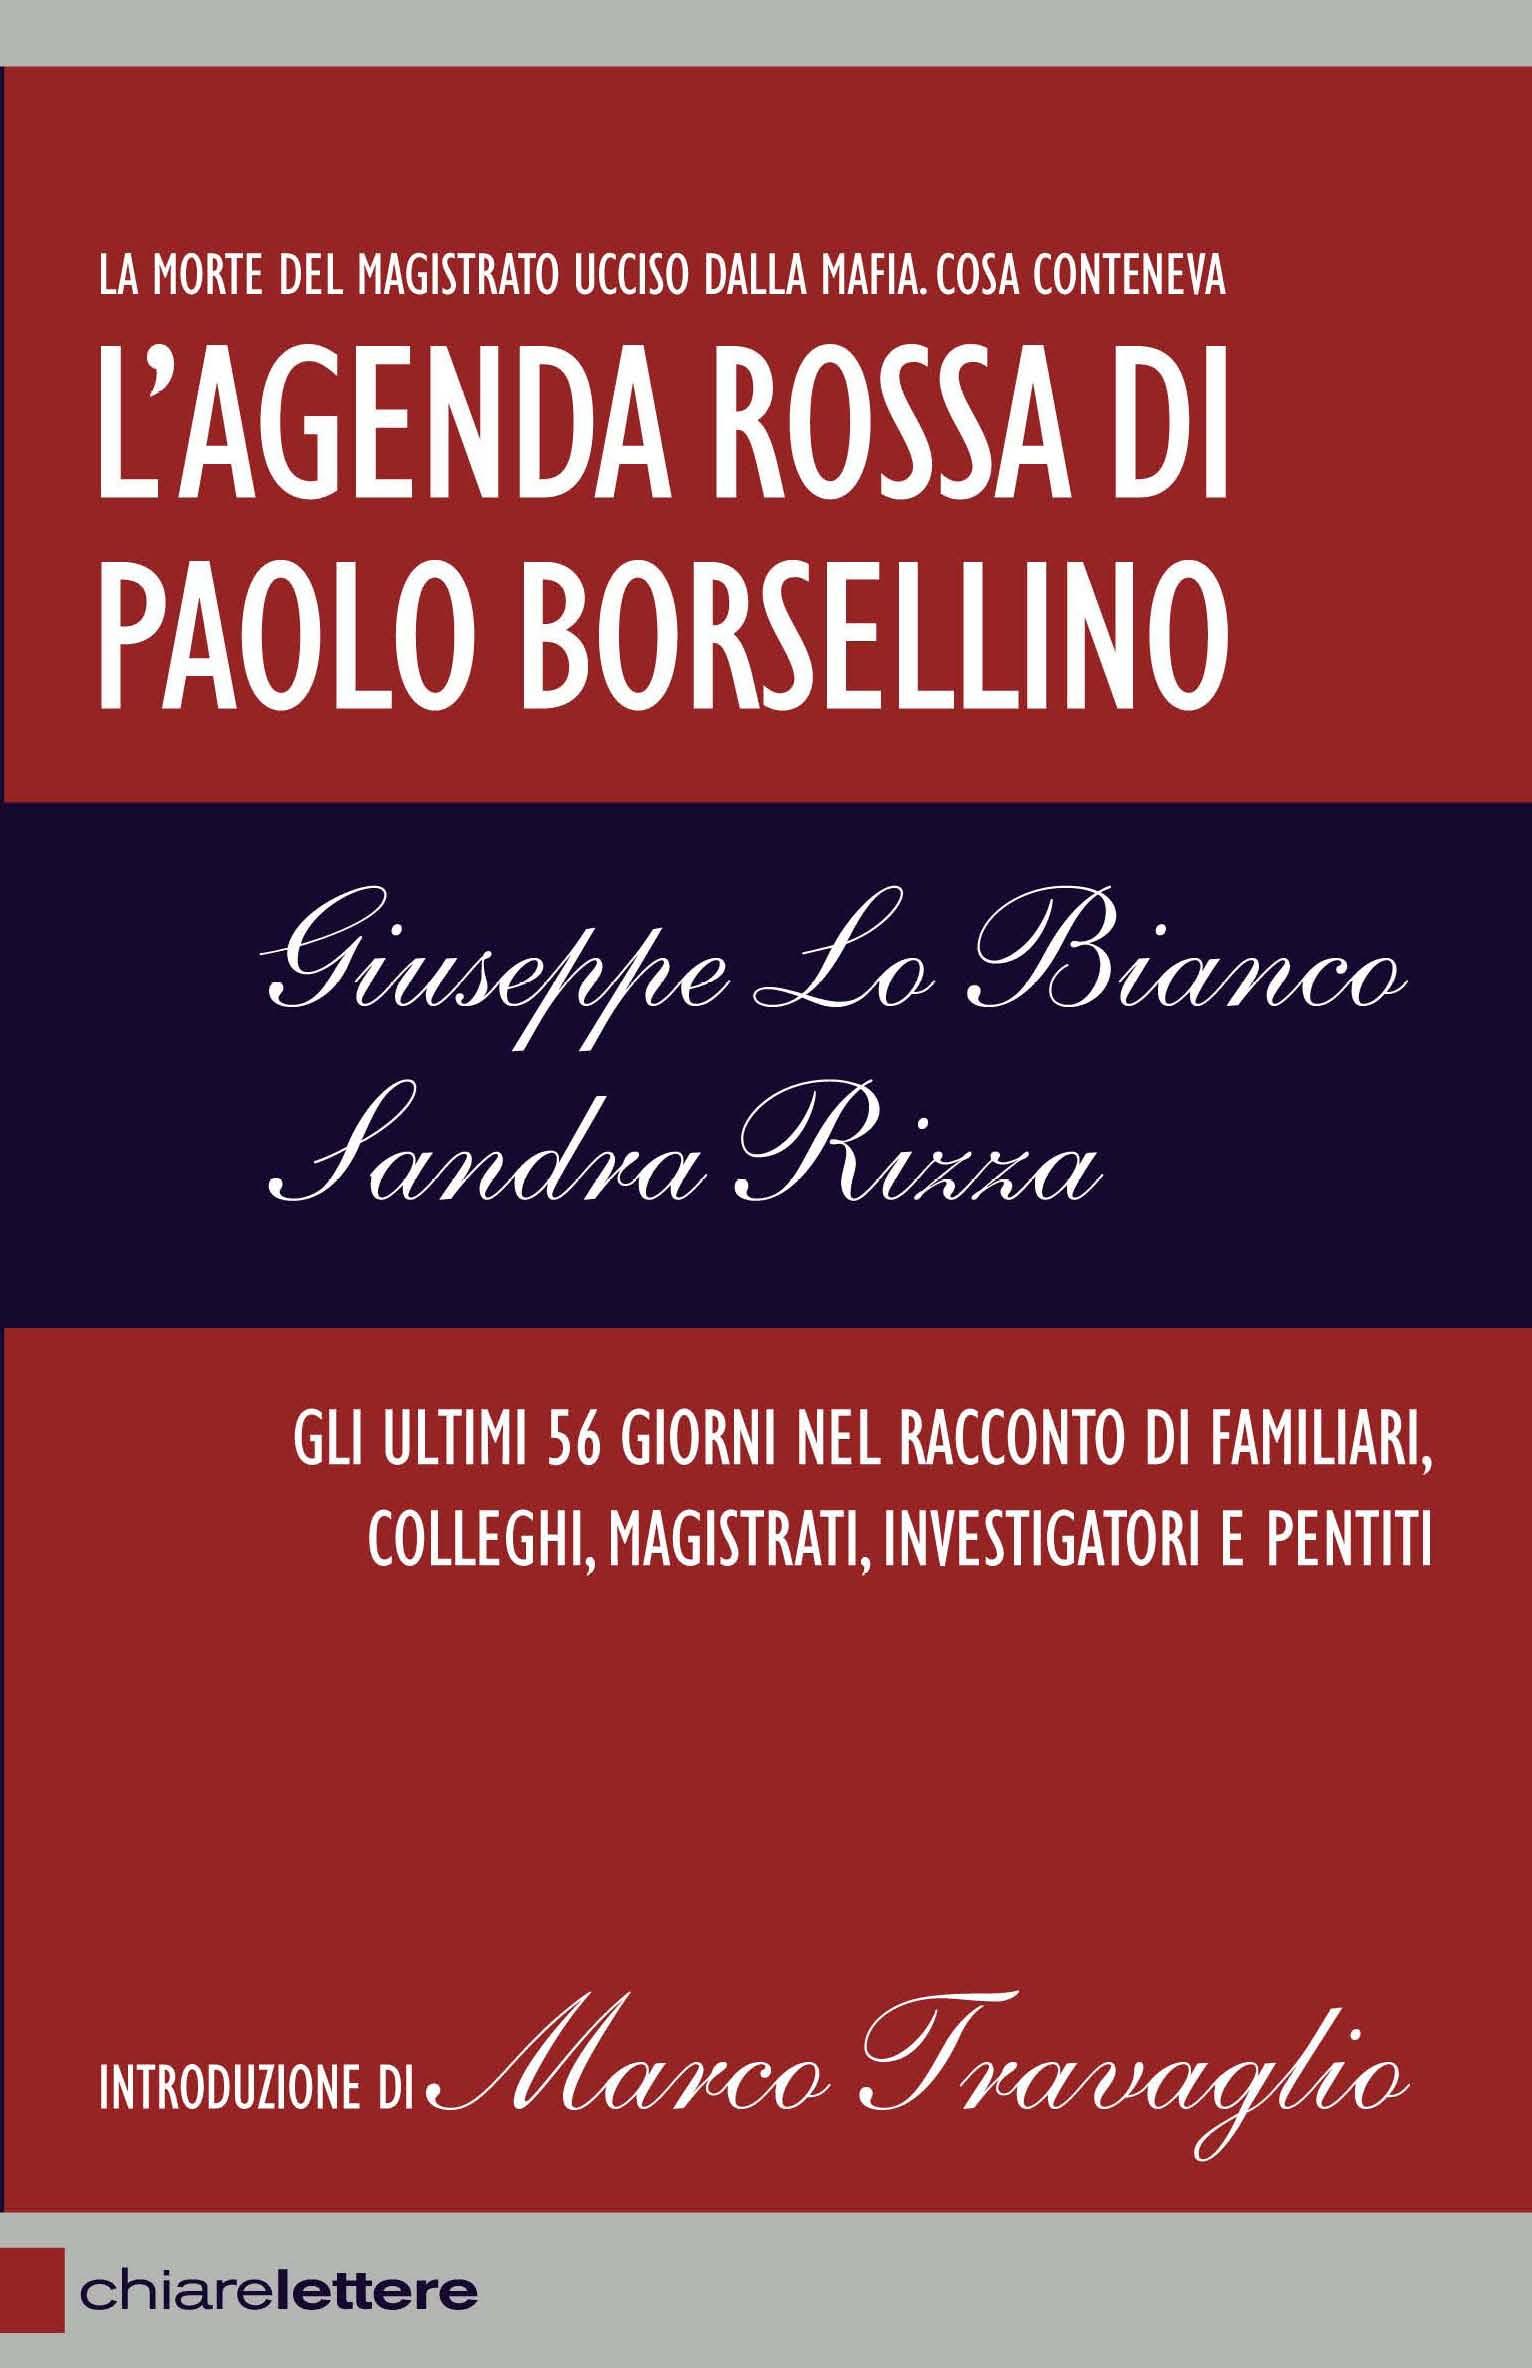 More about L'agenda rossa di Paolo Borsellino